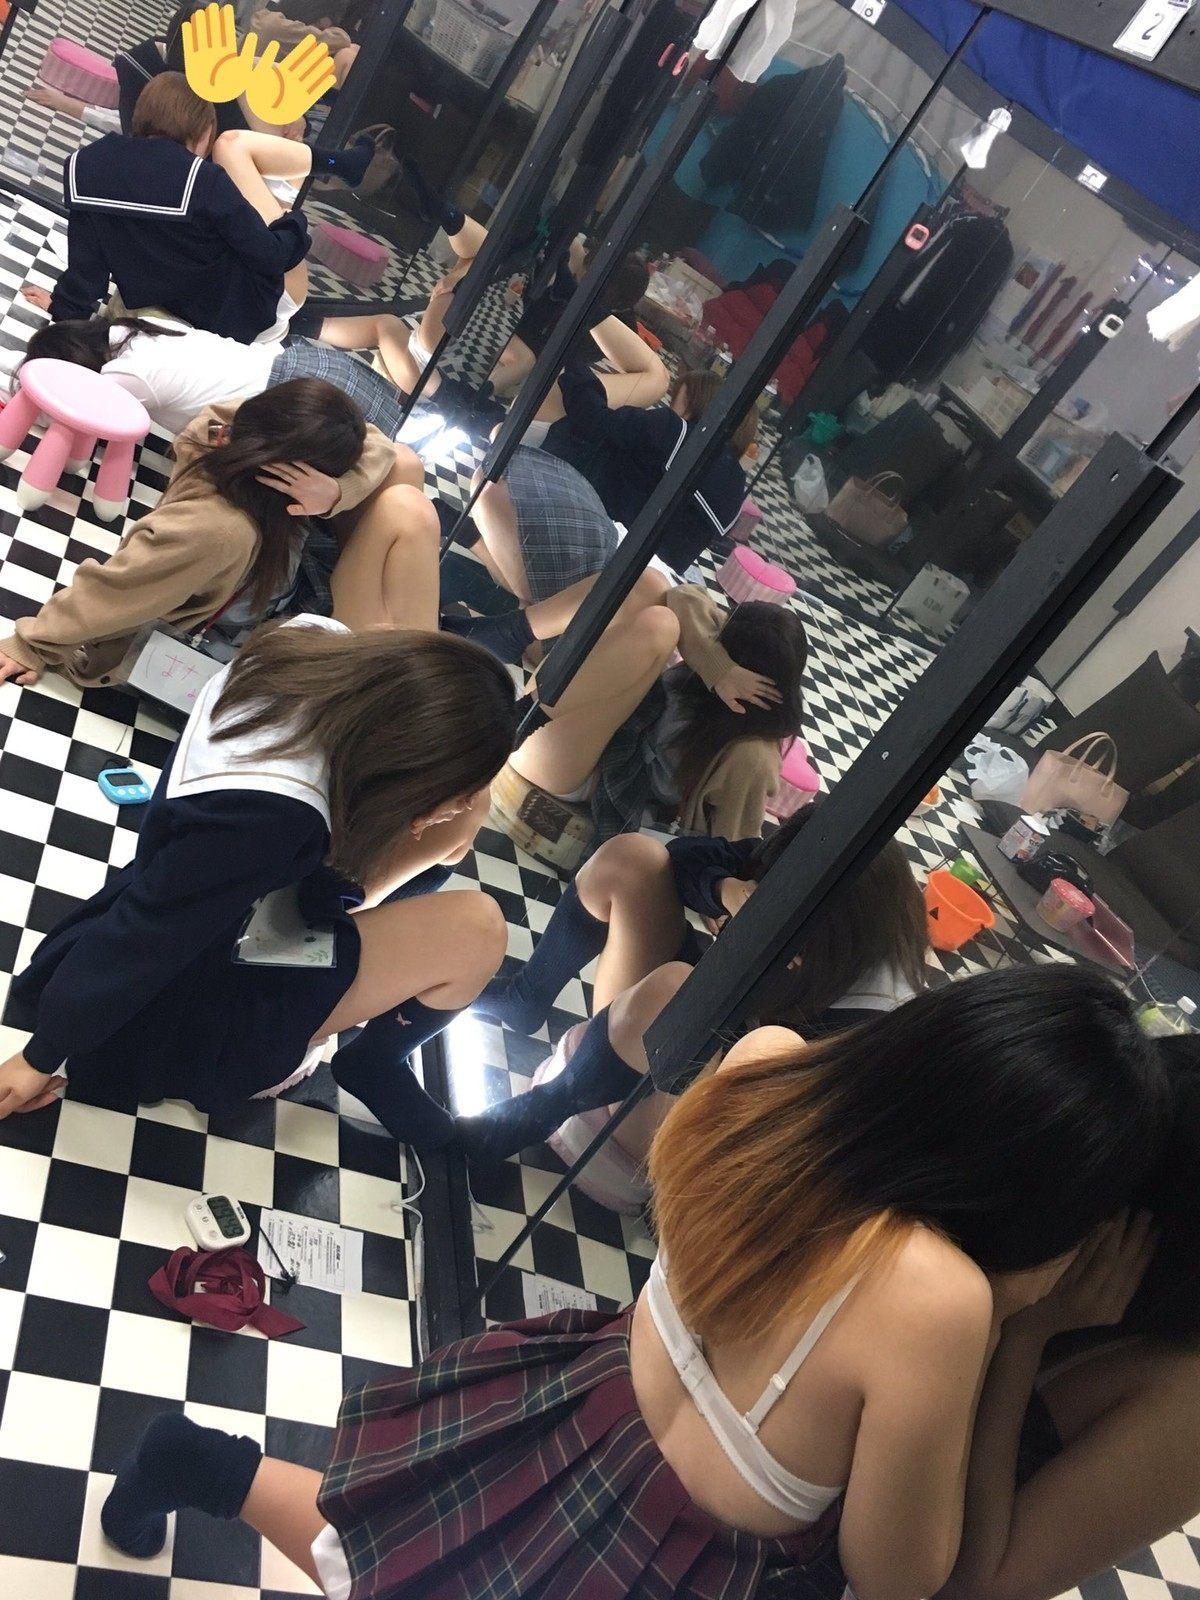 (シロウト えろ写真)摘発された10代小娘リフレが営業していたころの写真一部入手☆☆